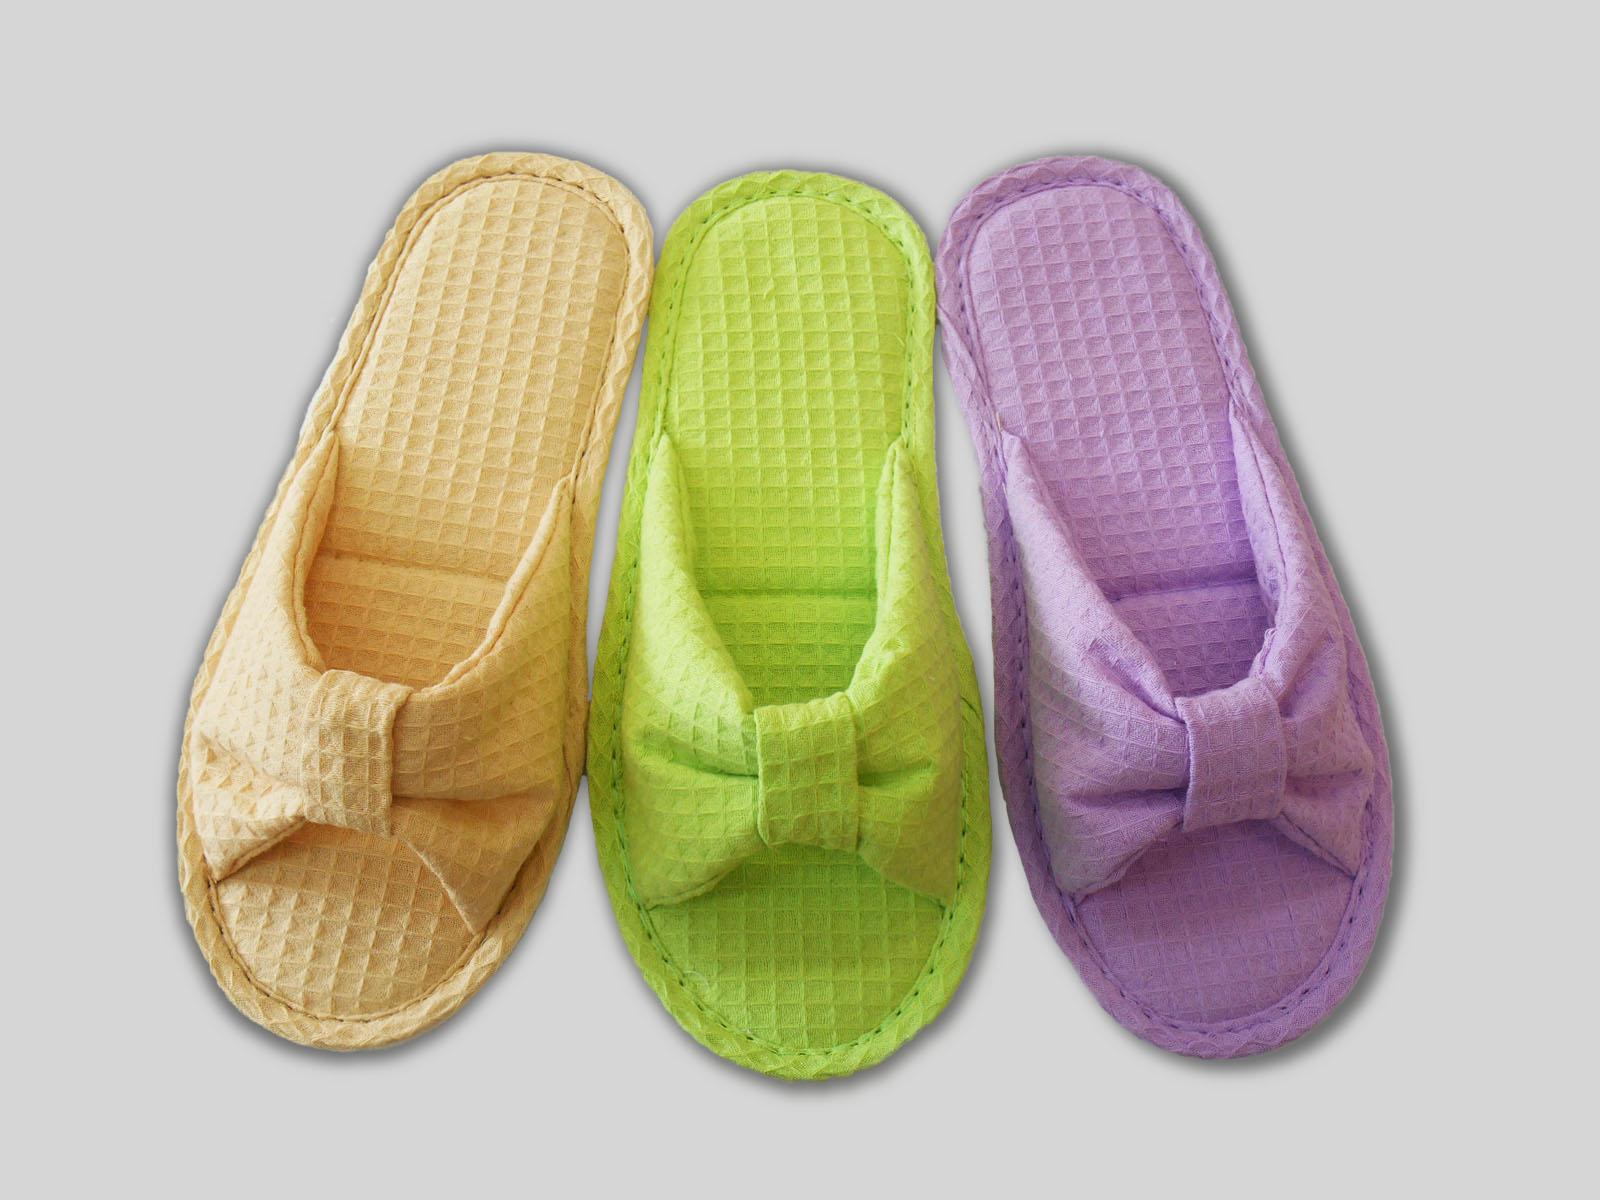 af3a1b6ab5def Тапочки женские с открытым носком 187 | Tapmoda